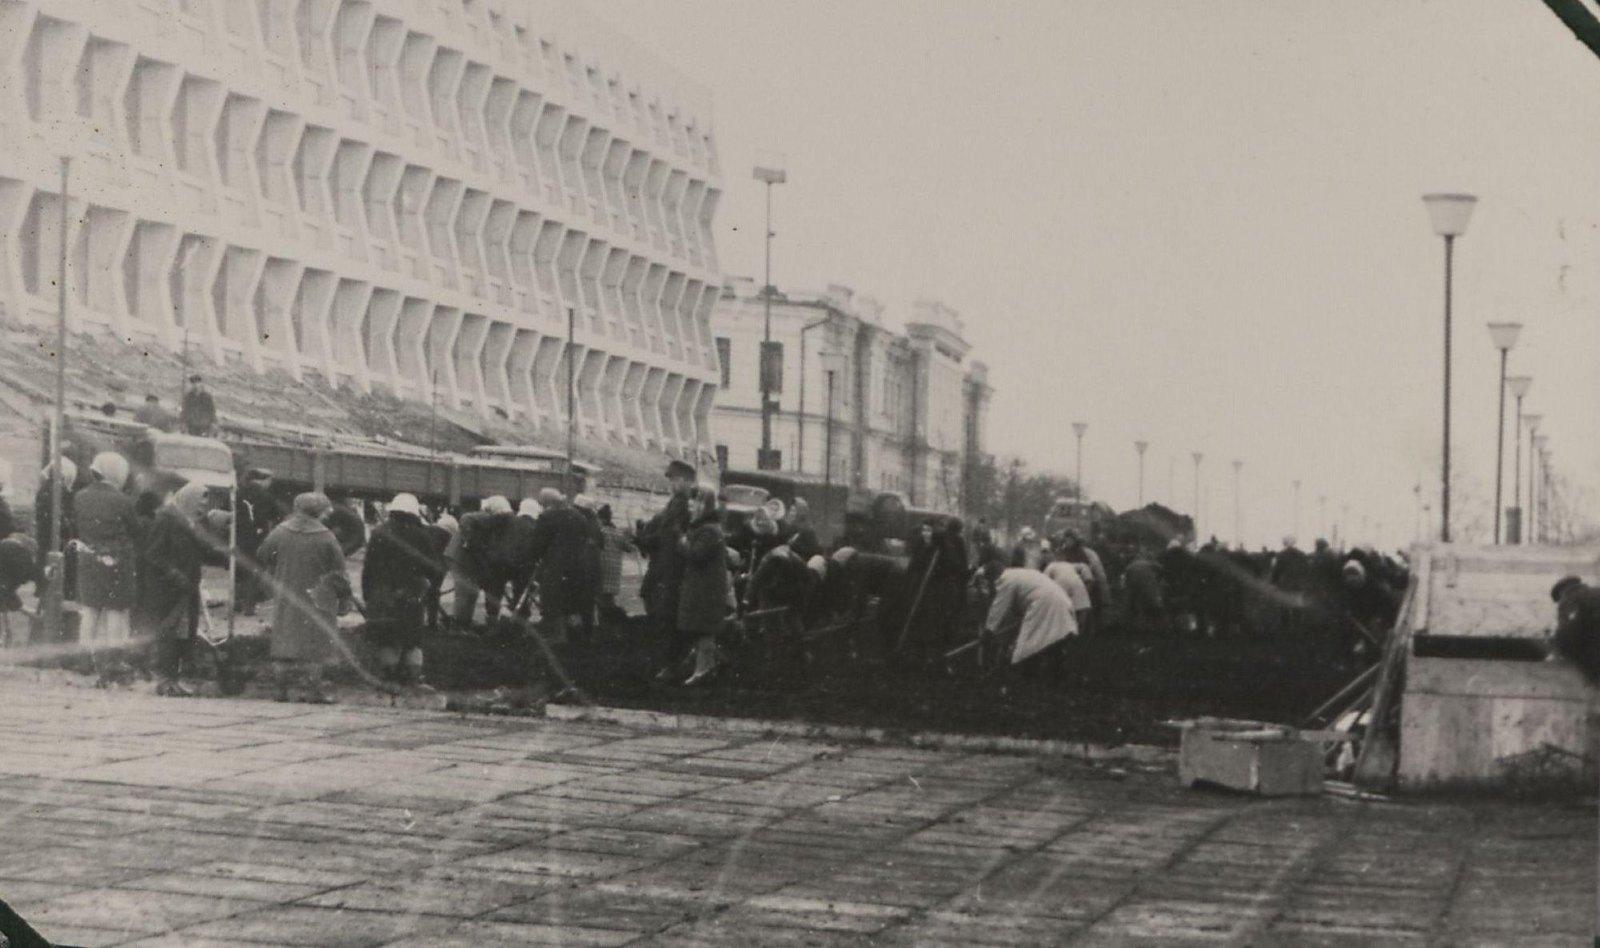 1970. Субботник граждан по приведению в порядок площадки вокруг Мемориала. Ульяновск